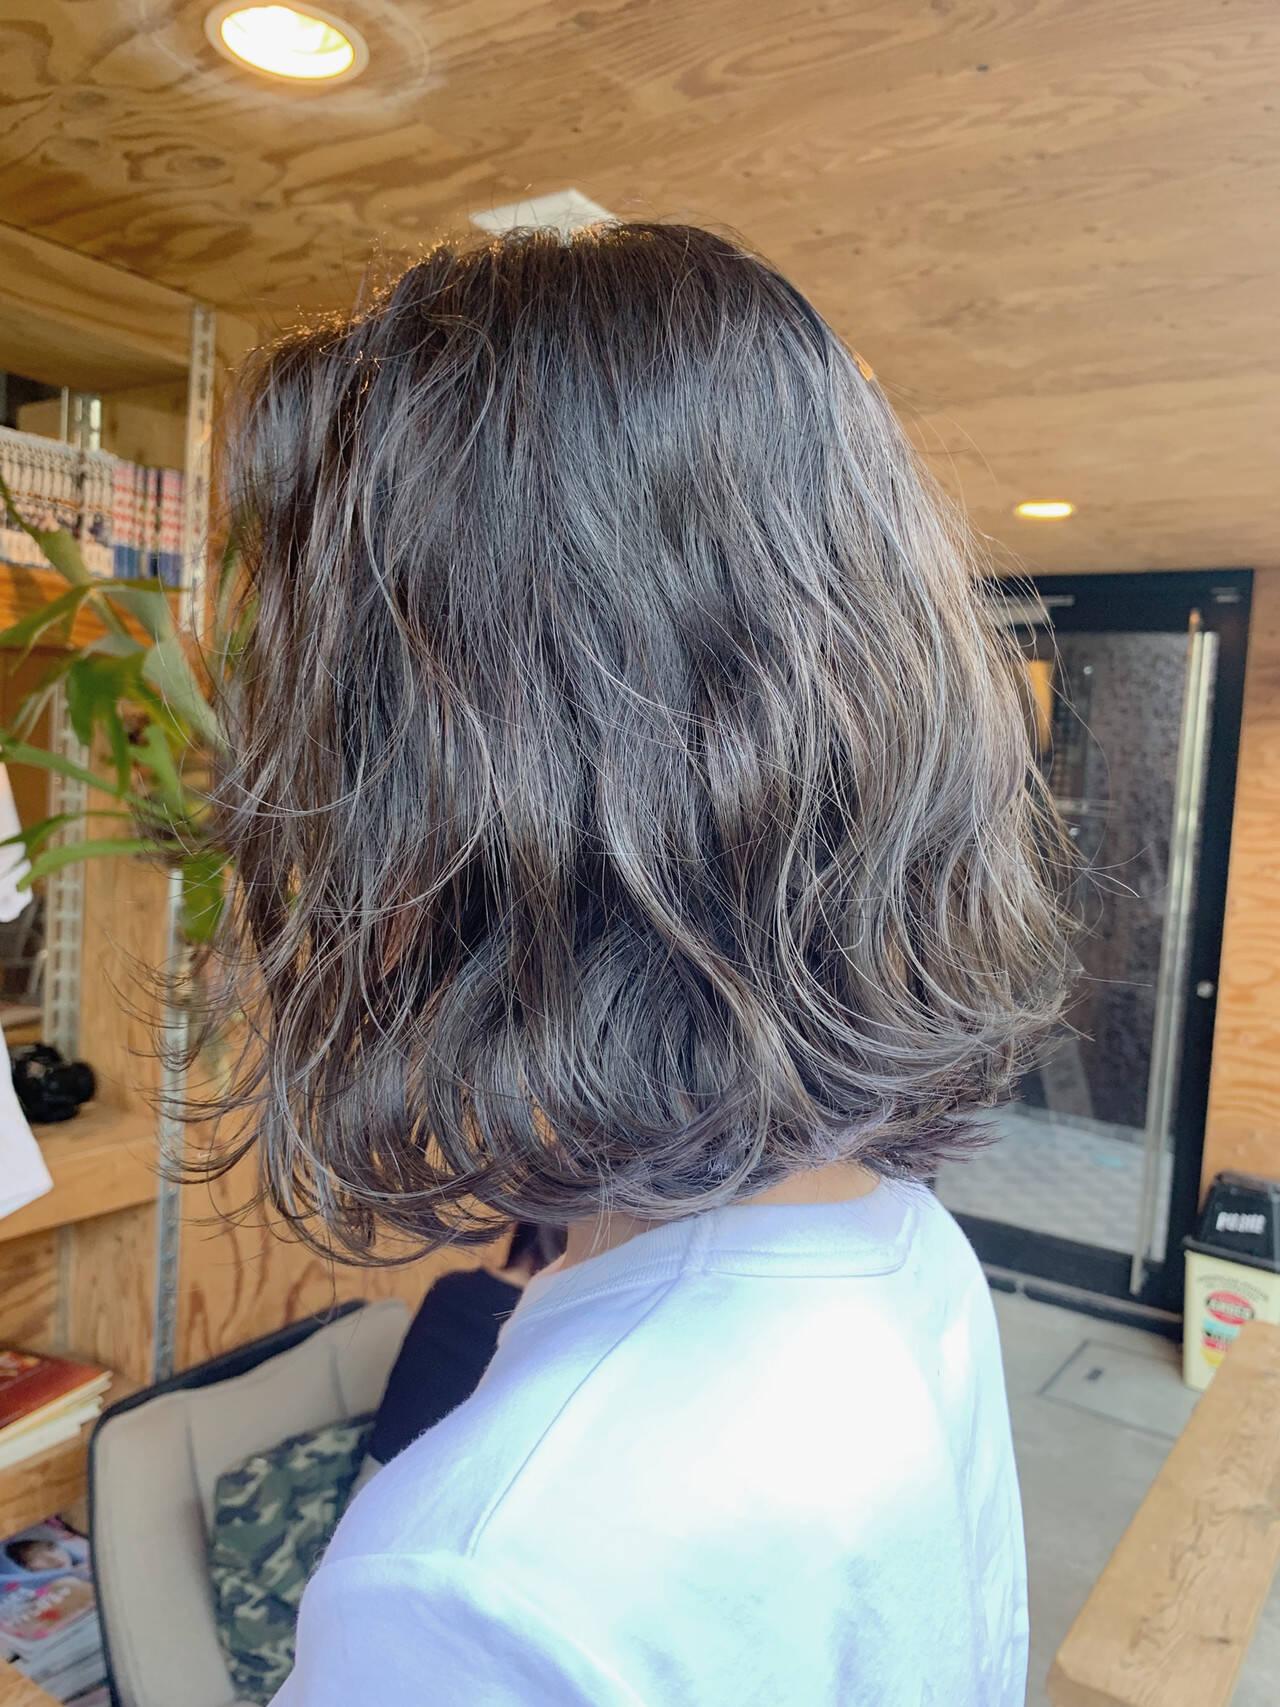 ボブ ブルーアッシュ ストリート アッシュベージュヘアスタイルや髪型の写真・画像